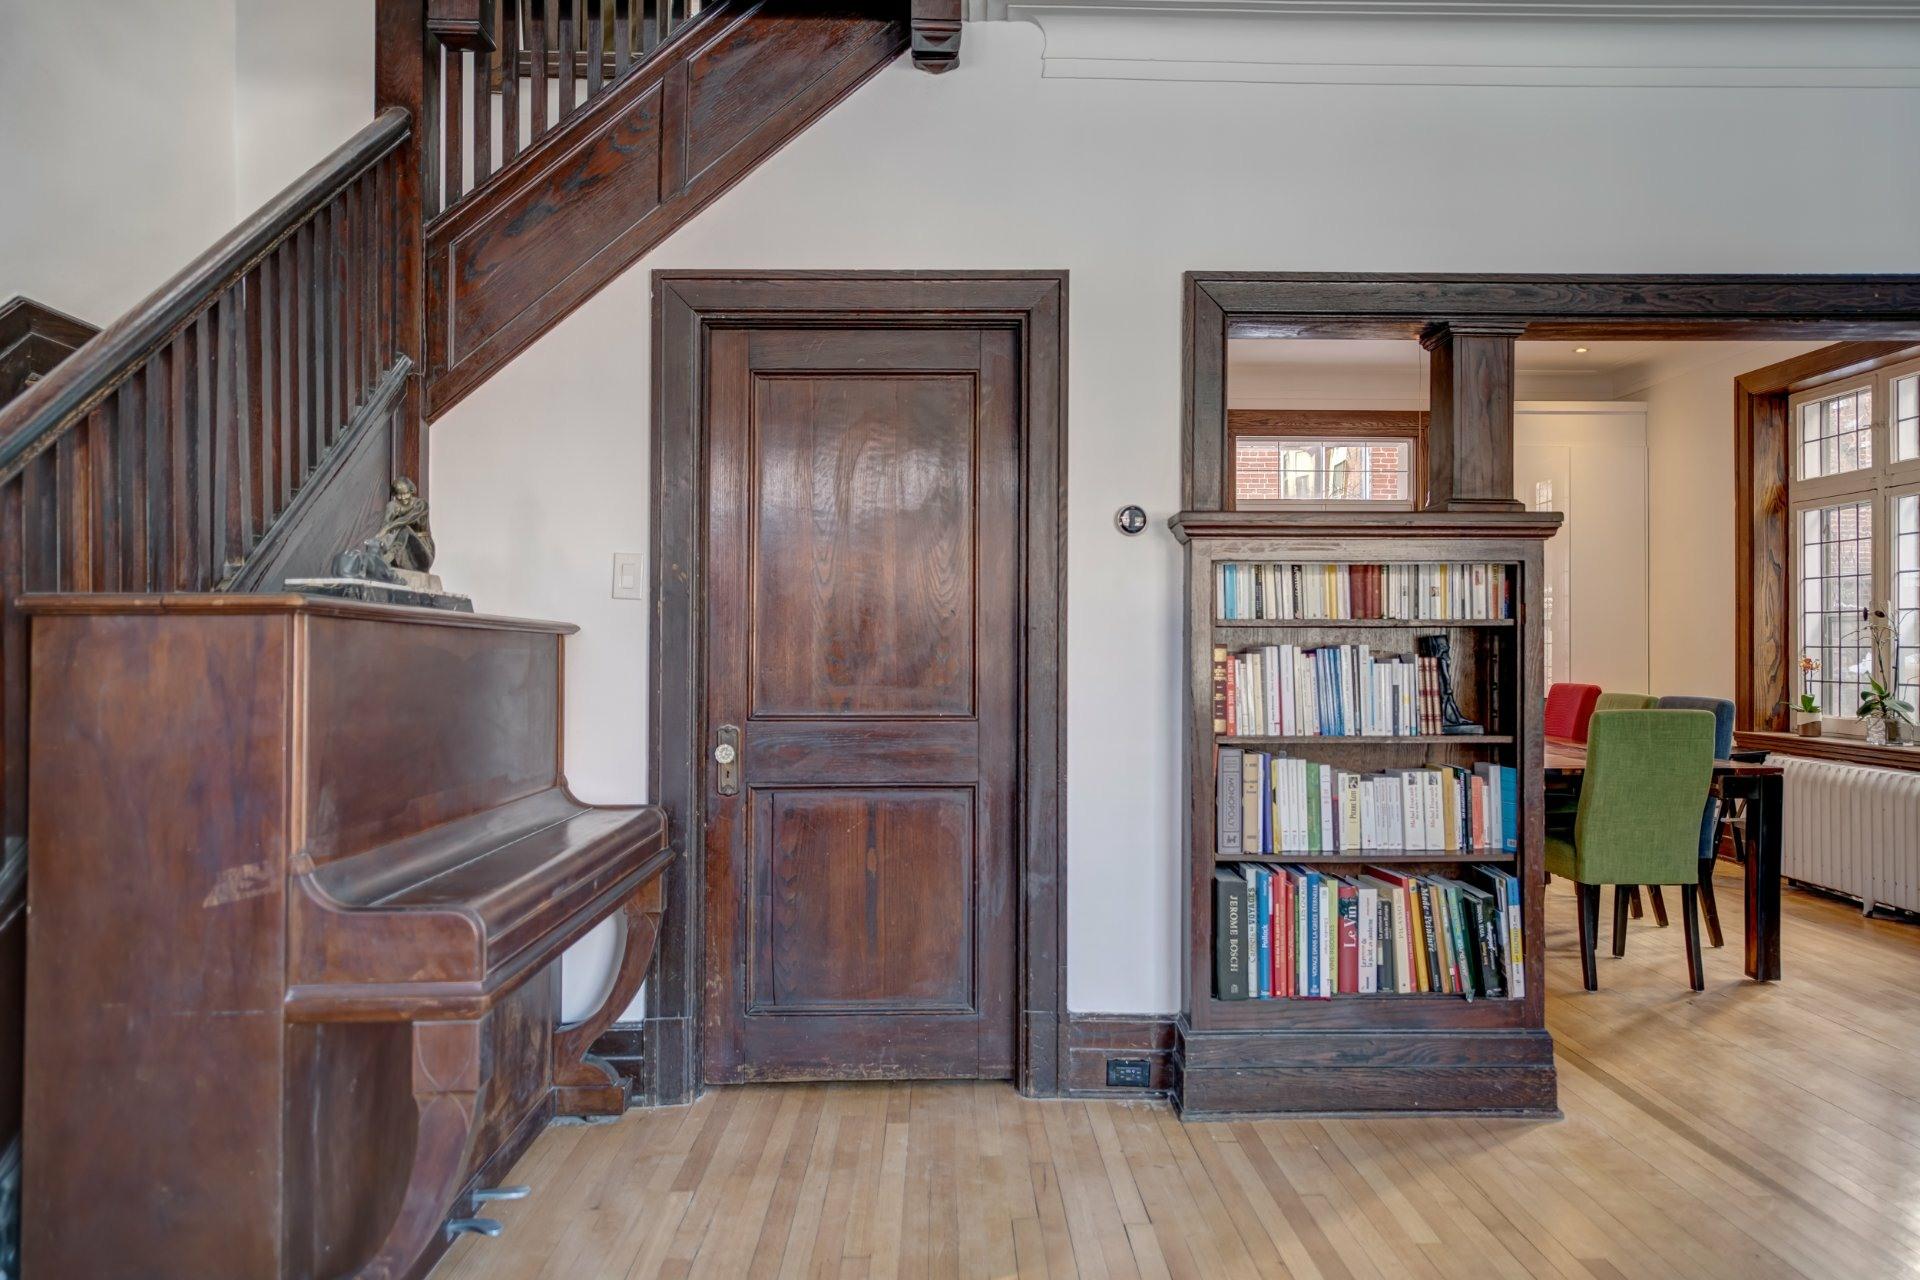 image 7 - House For sale Côte-des-Neiges/Notre-Dame-de-Grâce Montréal  - 10 rooms